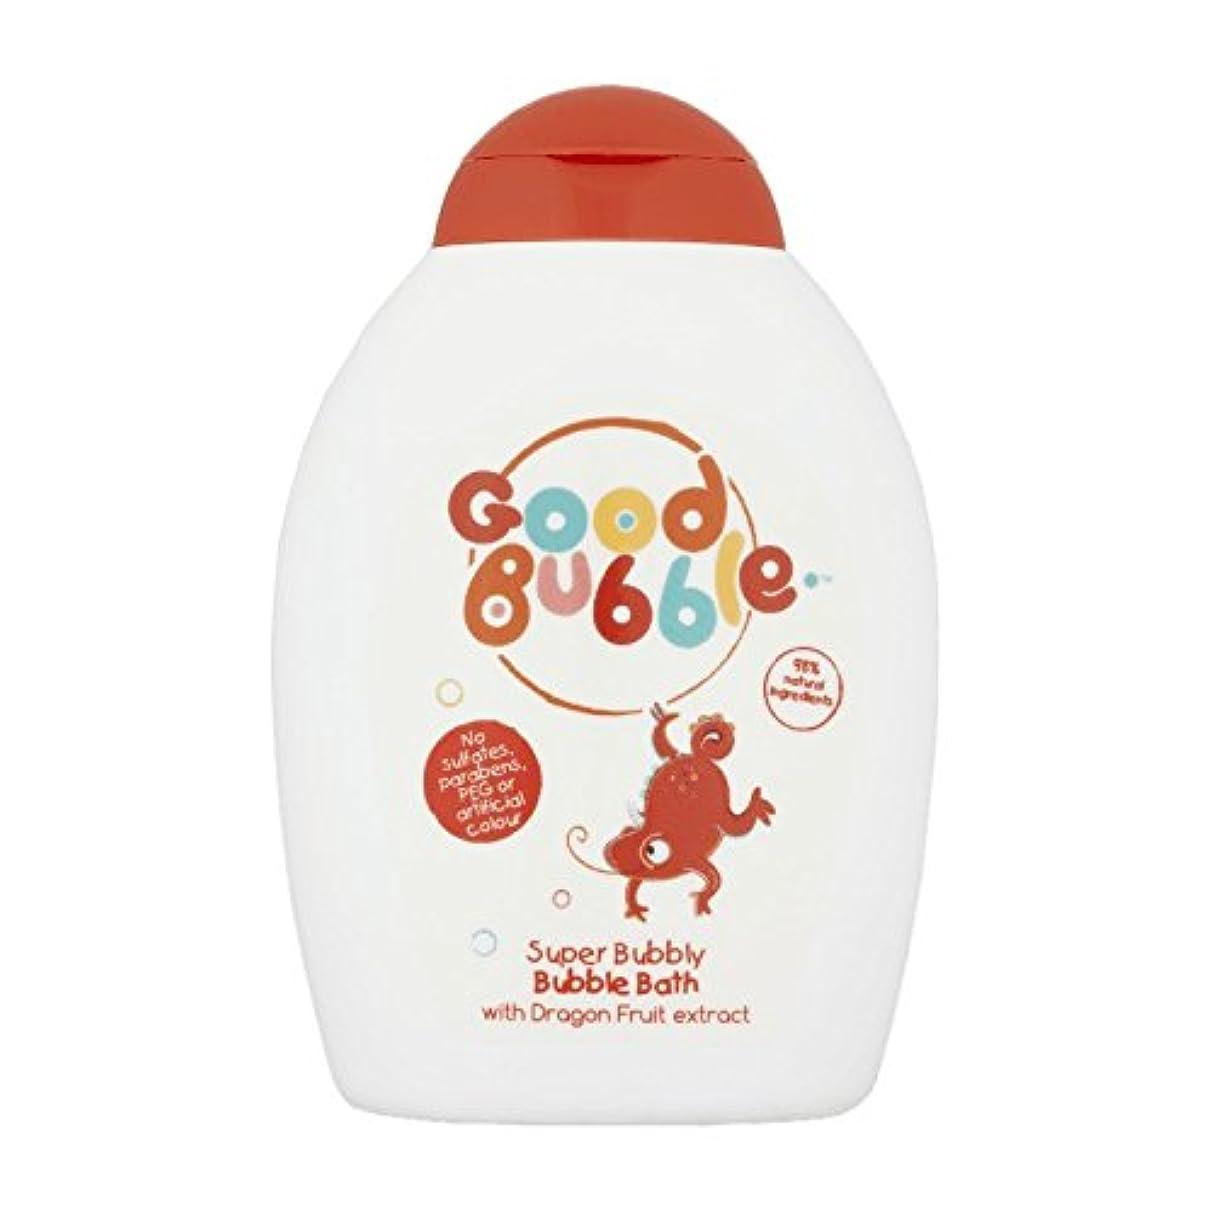 ベリ晩ごはん仕える良いバブルドラゴンフルーツバブルバス400ミリリットル - Good Bubble Dragon Fruit Bubble Bath 400ml (Good Bubble) [並行輸入品]